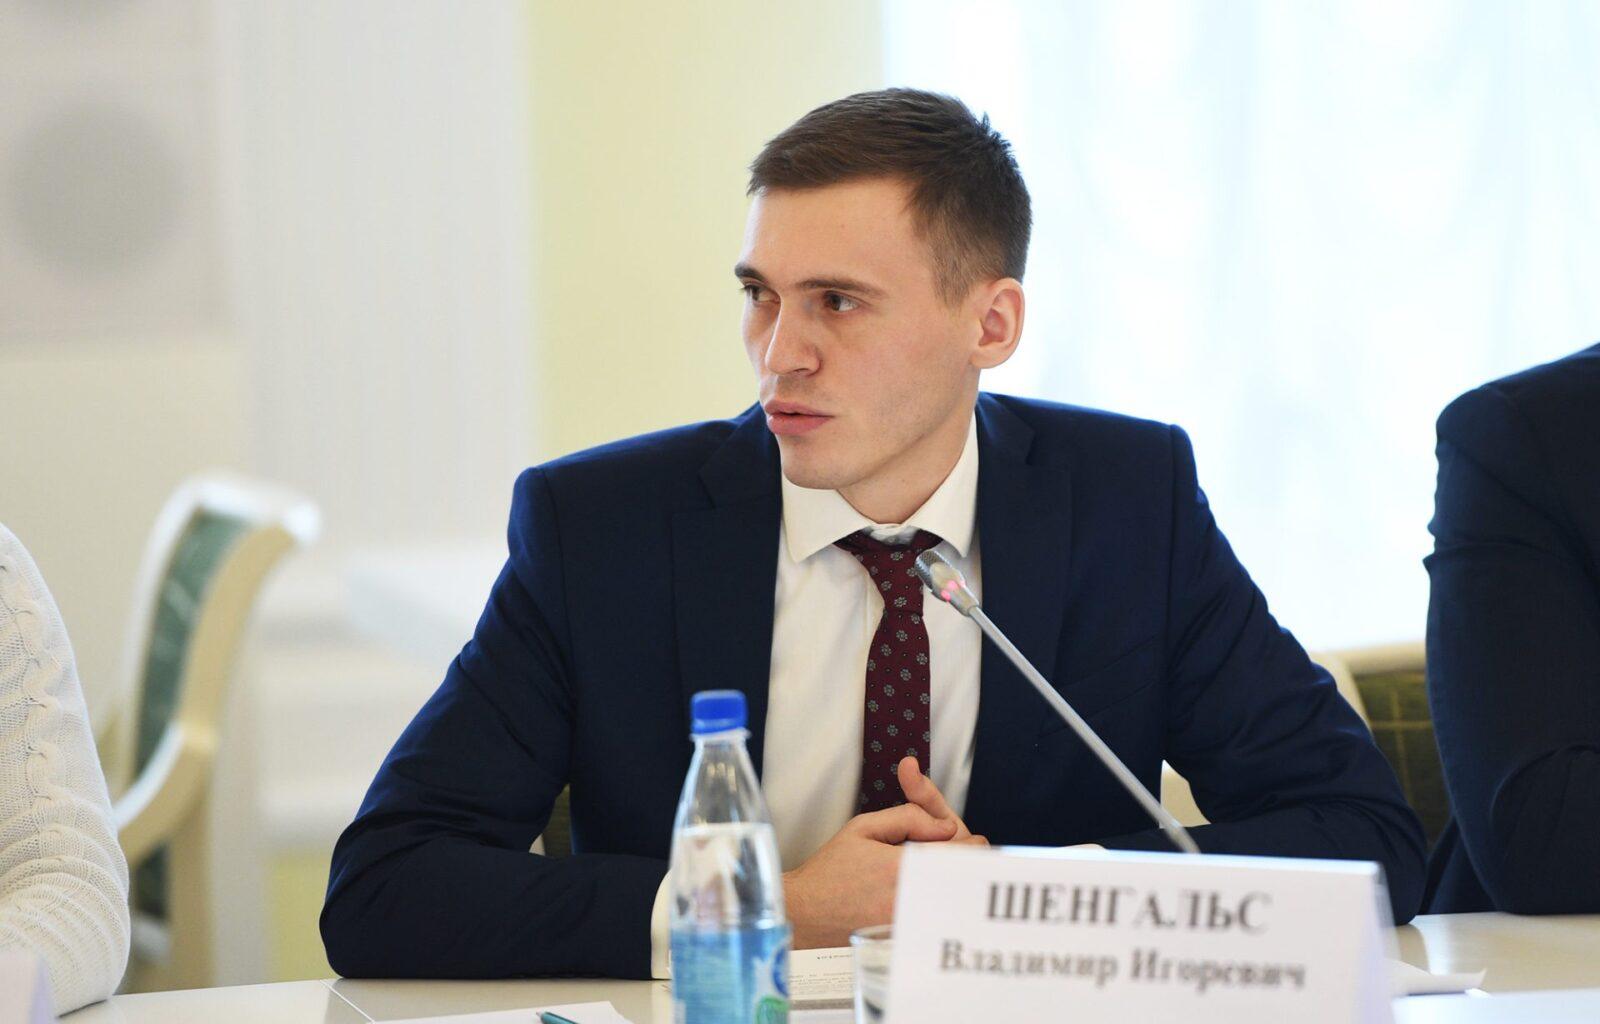 Владимир Шенгальс: Реновация общественного транспорта поможет разгрузить наши дороги